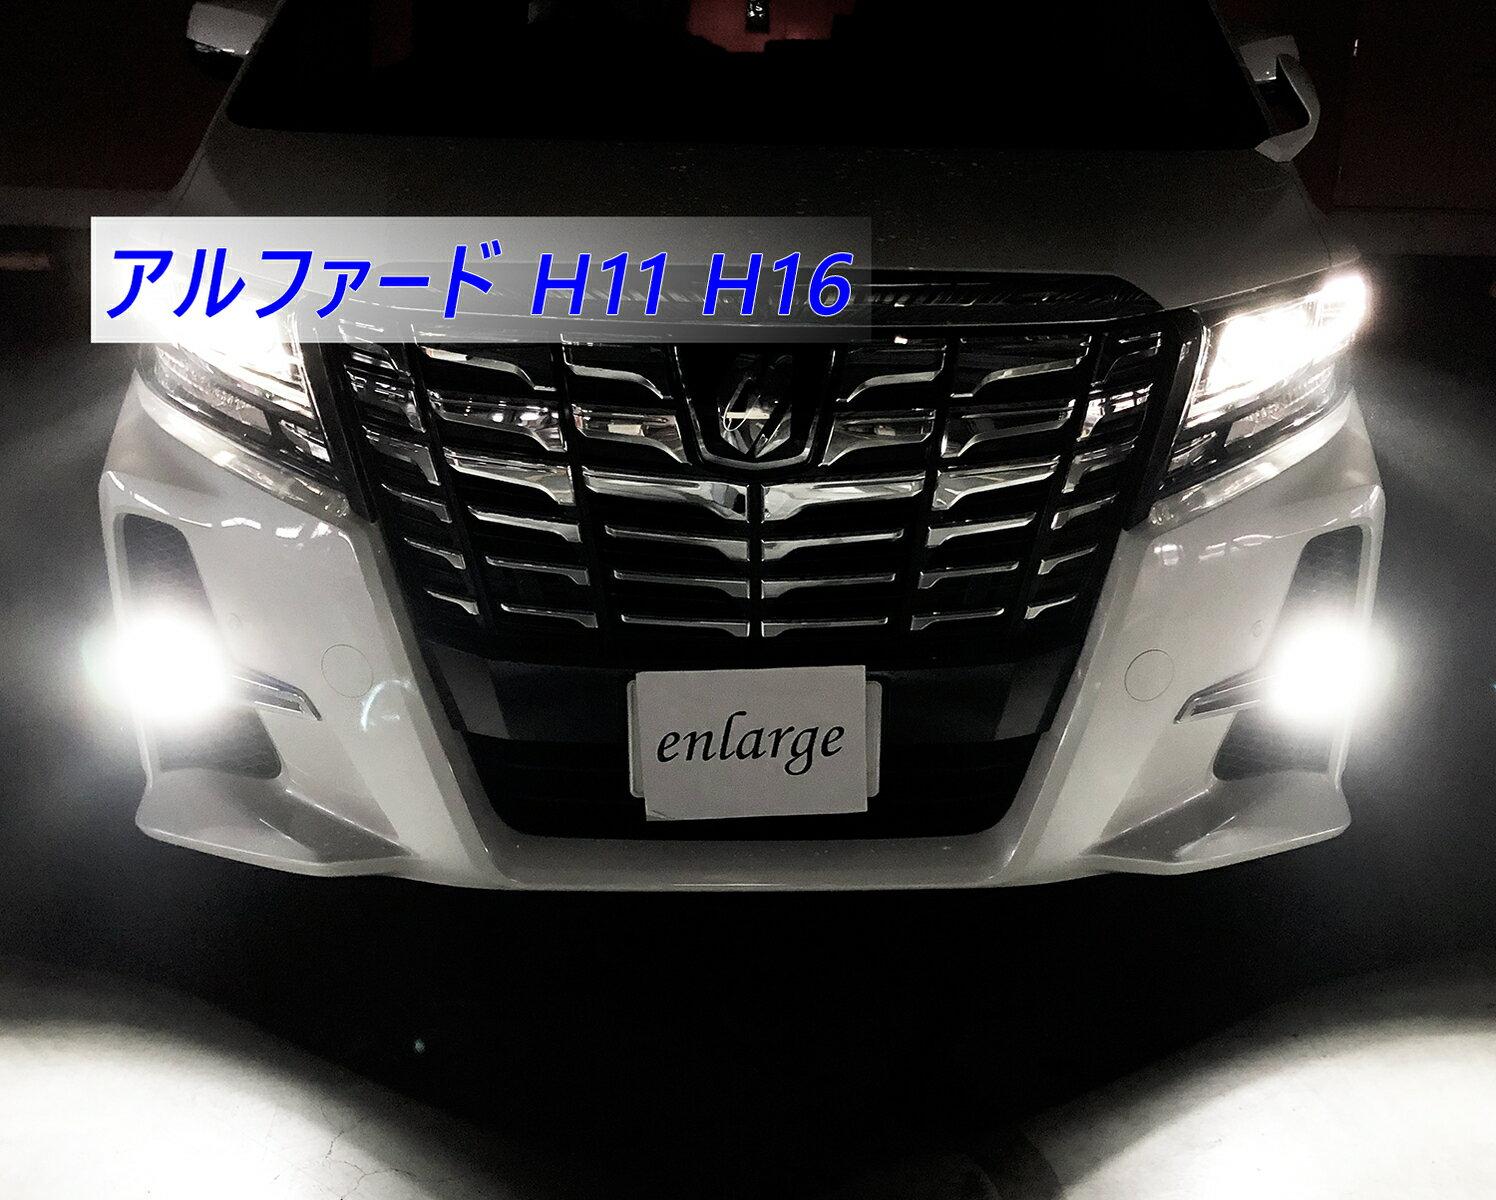 トヨタ アルファード 30系 専用 LED フォ...の商品画像